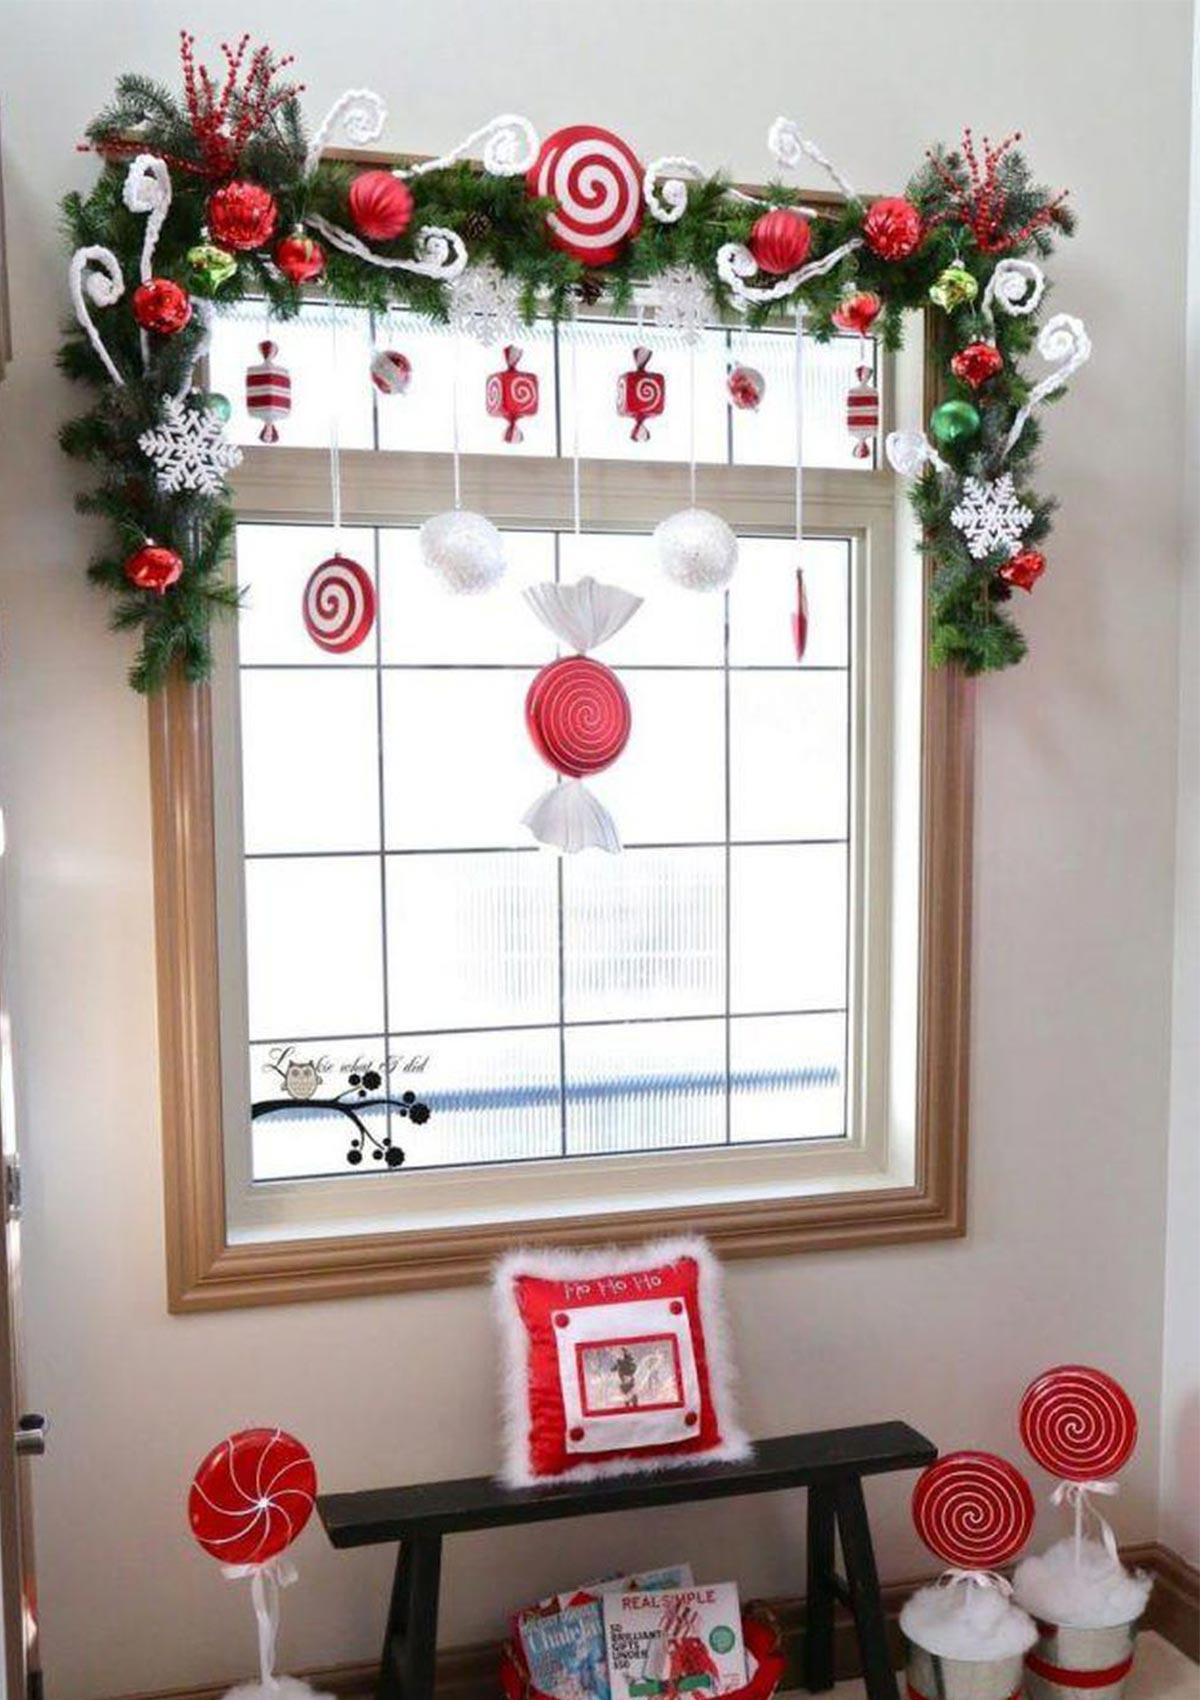 trang trí khung cửa sổ với chủ đề giáng sinh